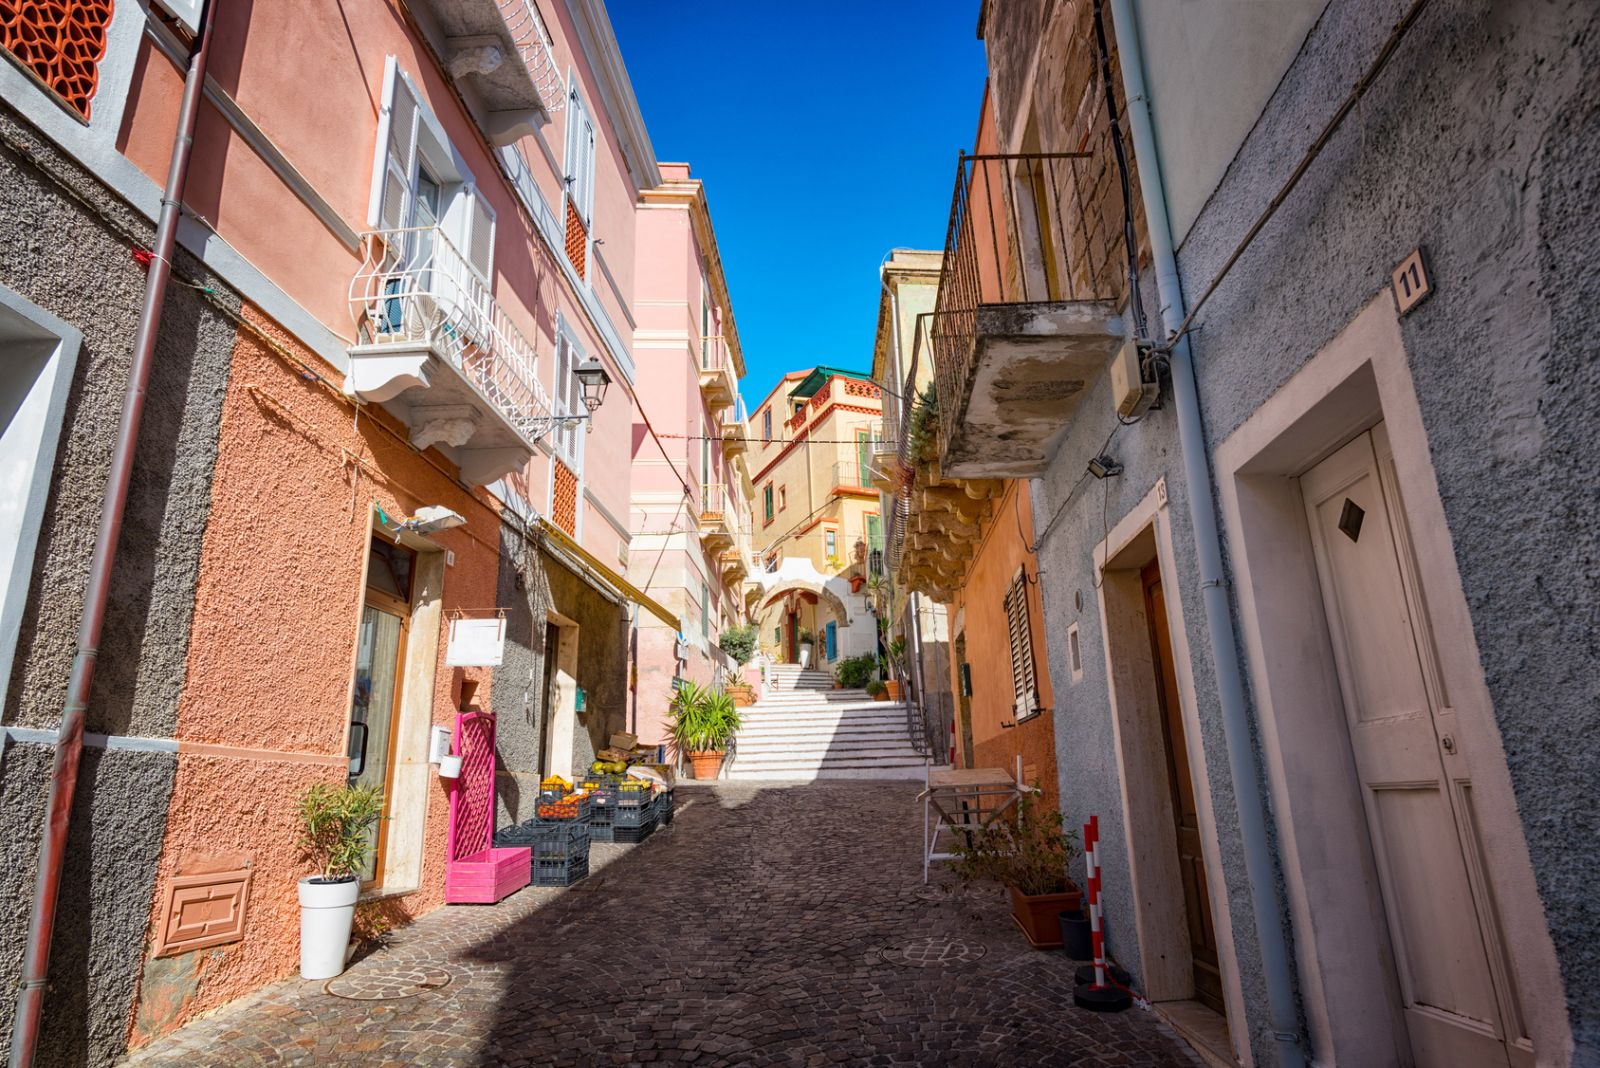 Die Carlofortini haben ihre Stadt farbenfroh gestaltet. ©Stefano Garau/Fotolia